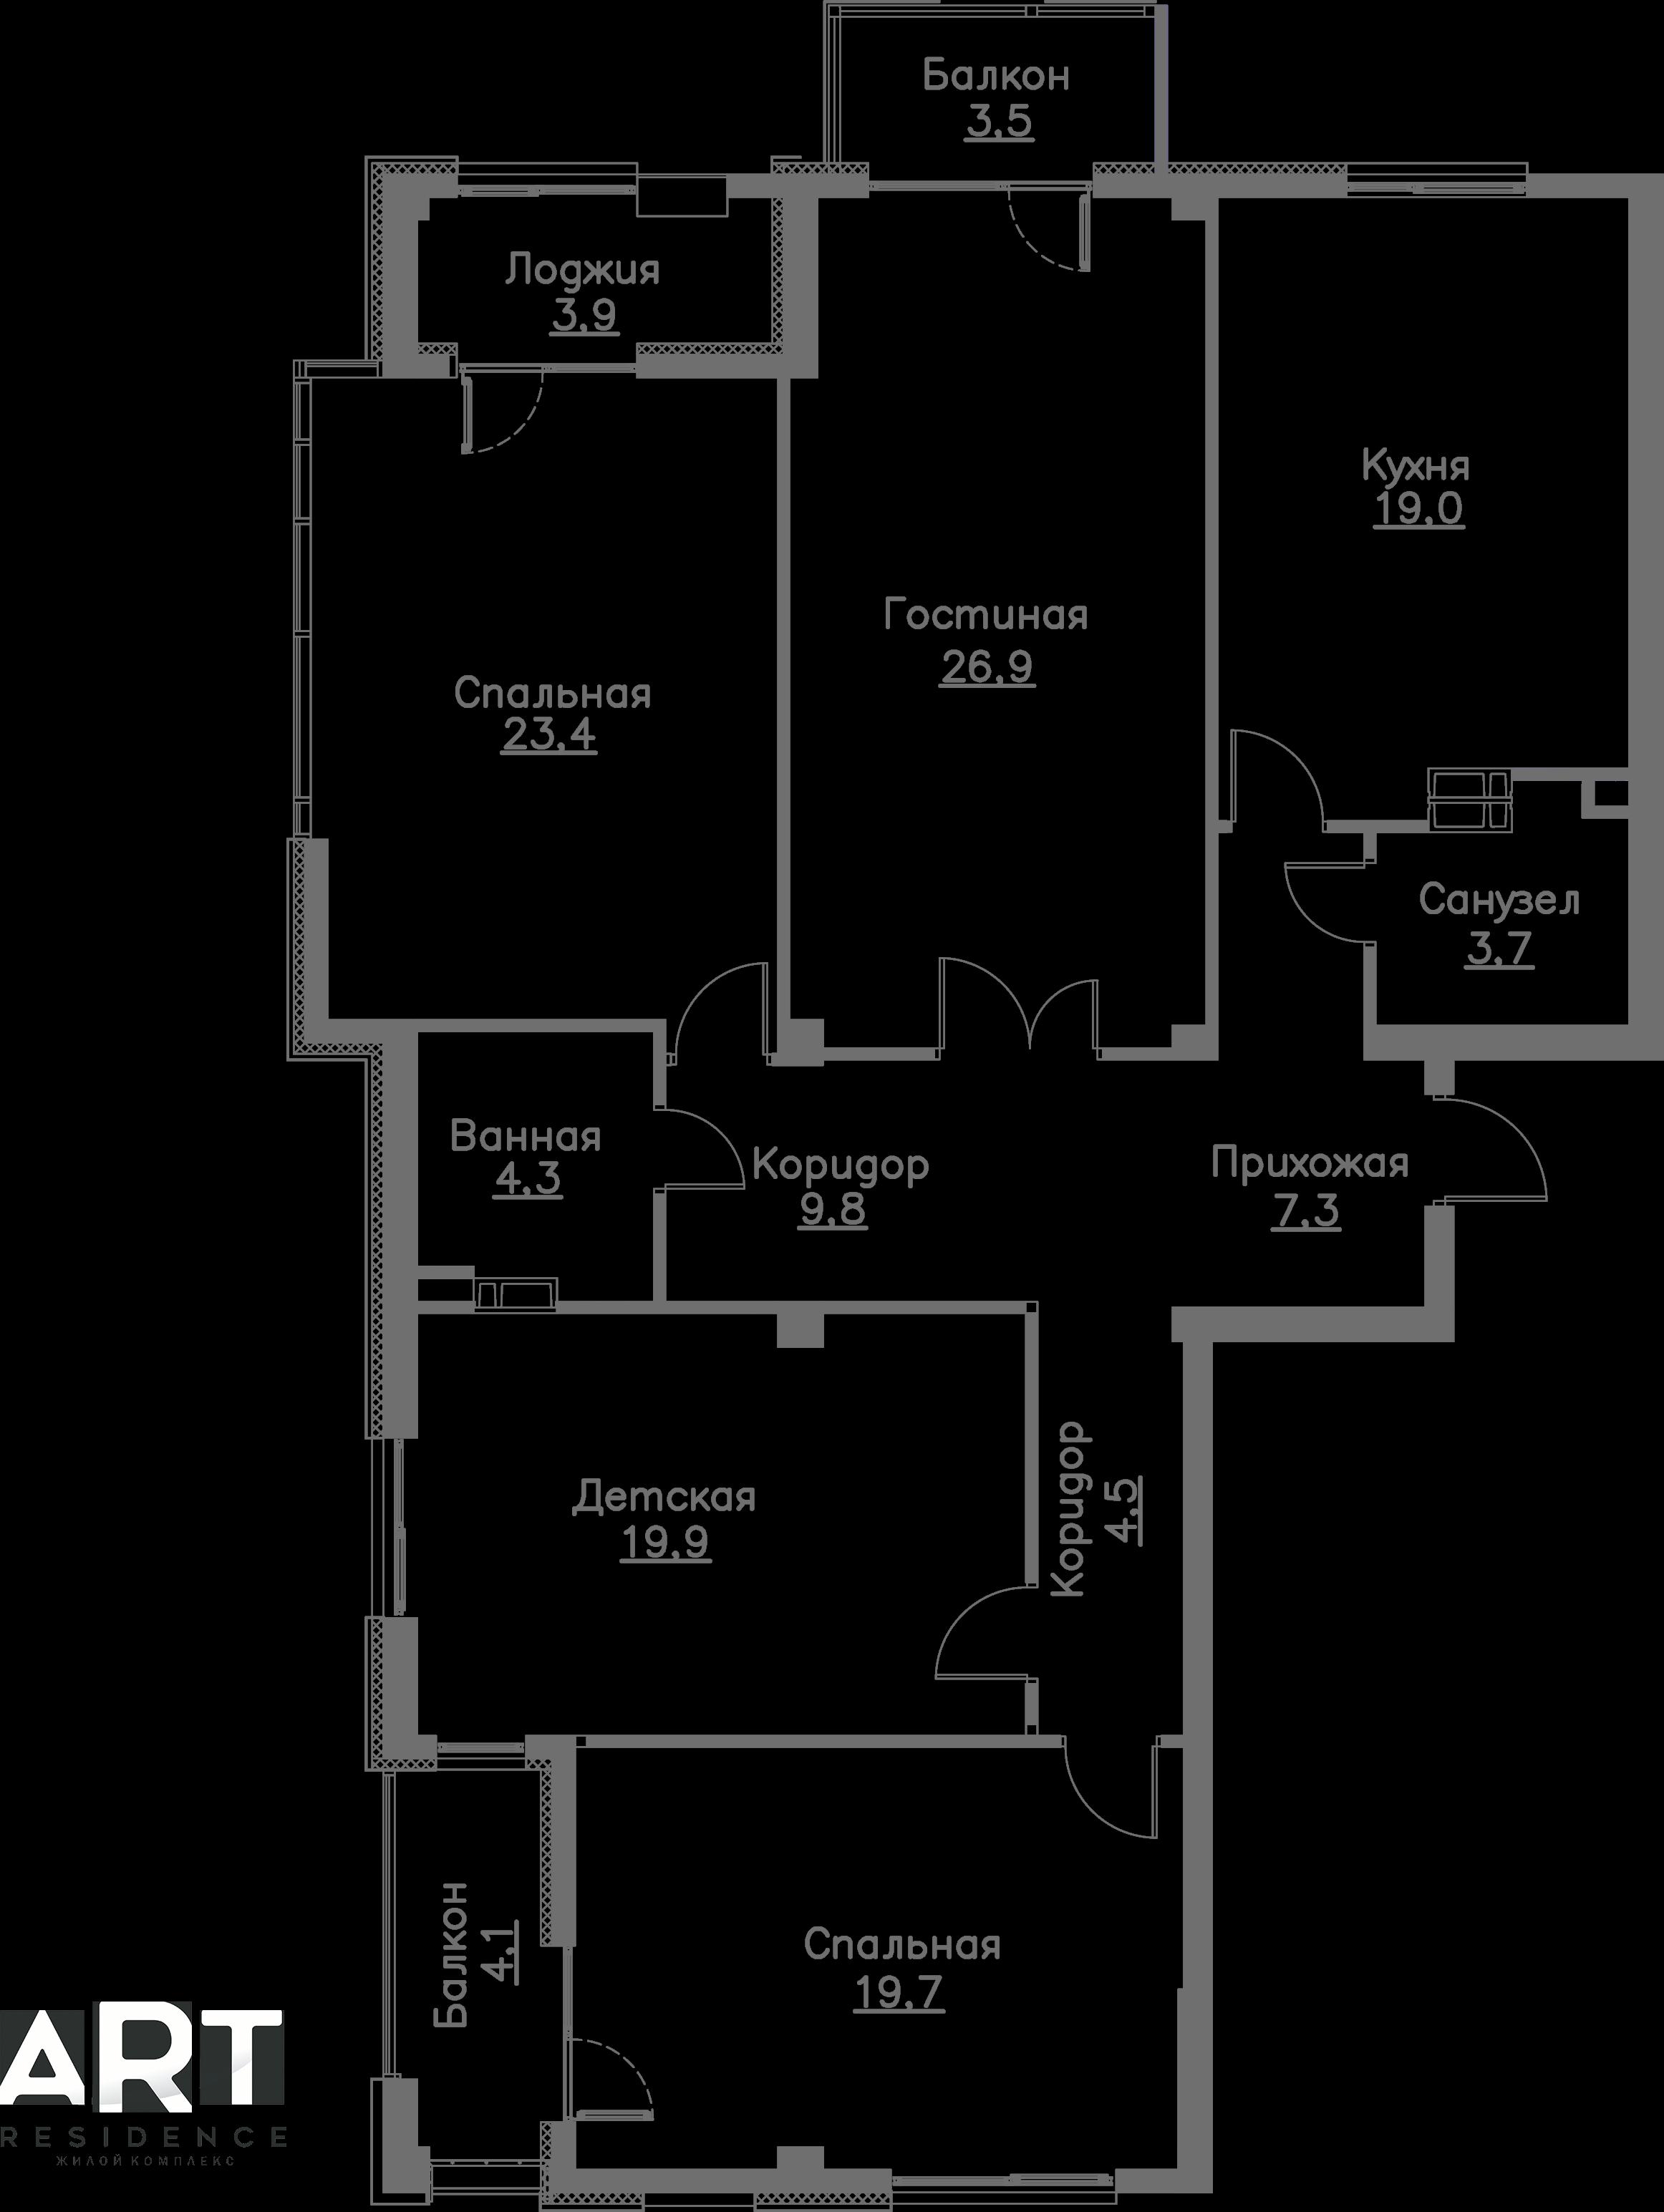 Очередь 2, Квартира 113